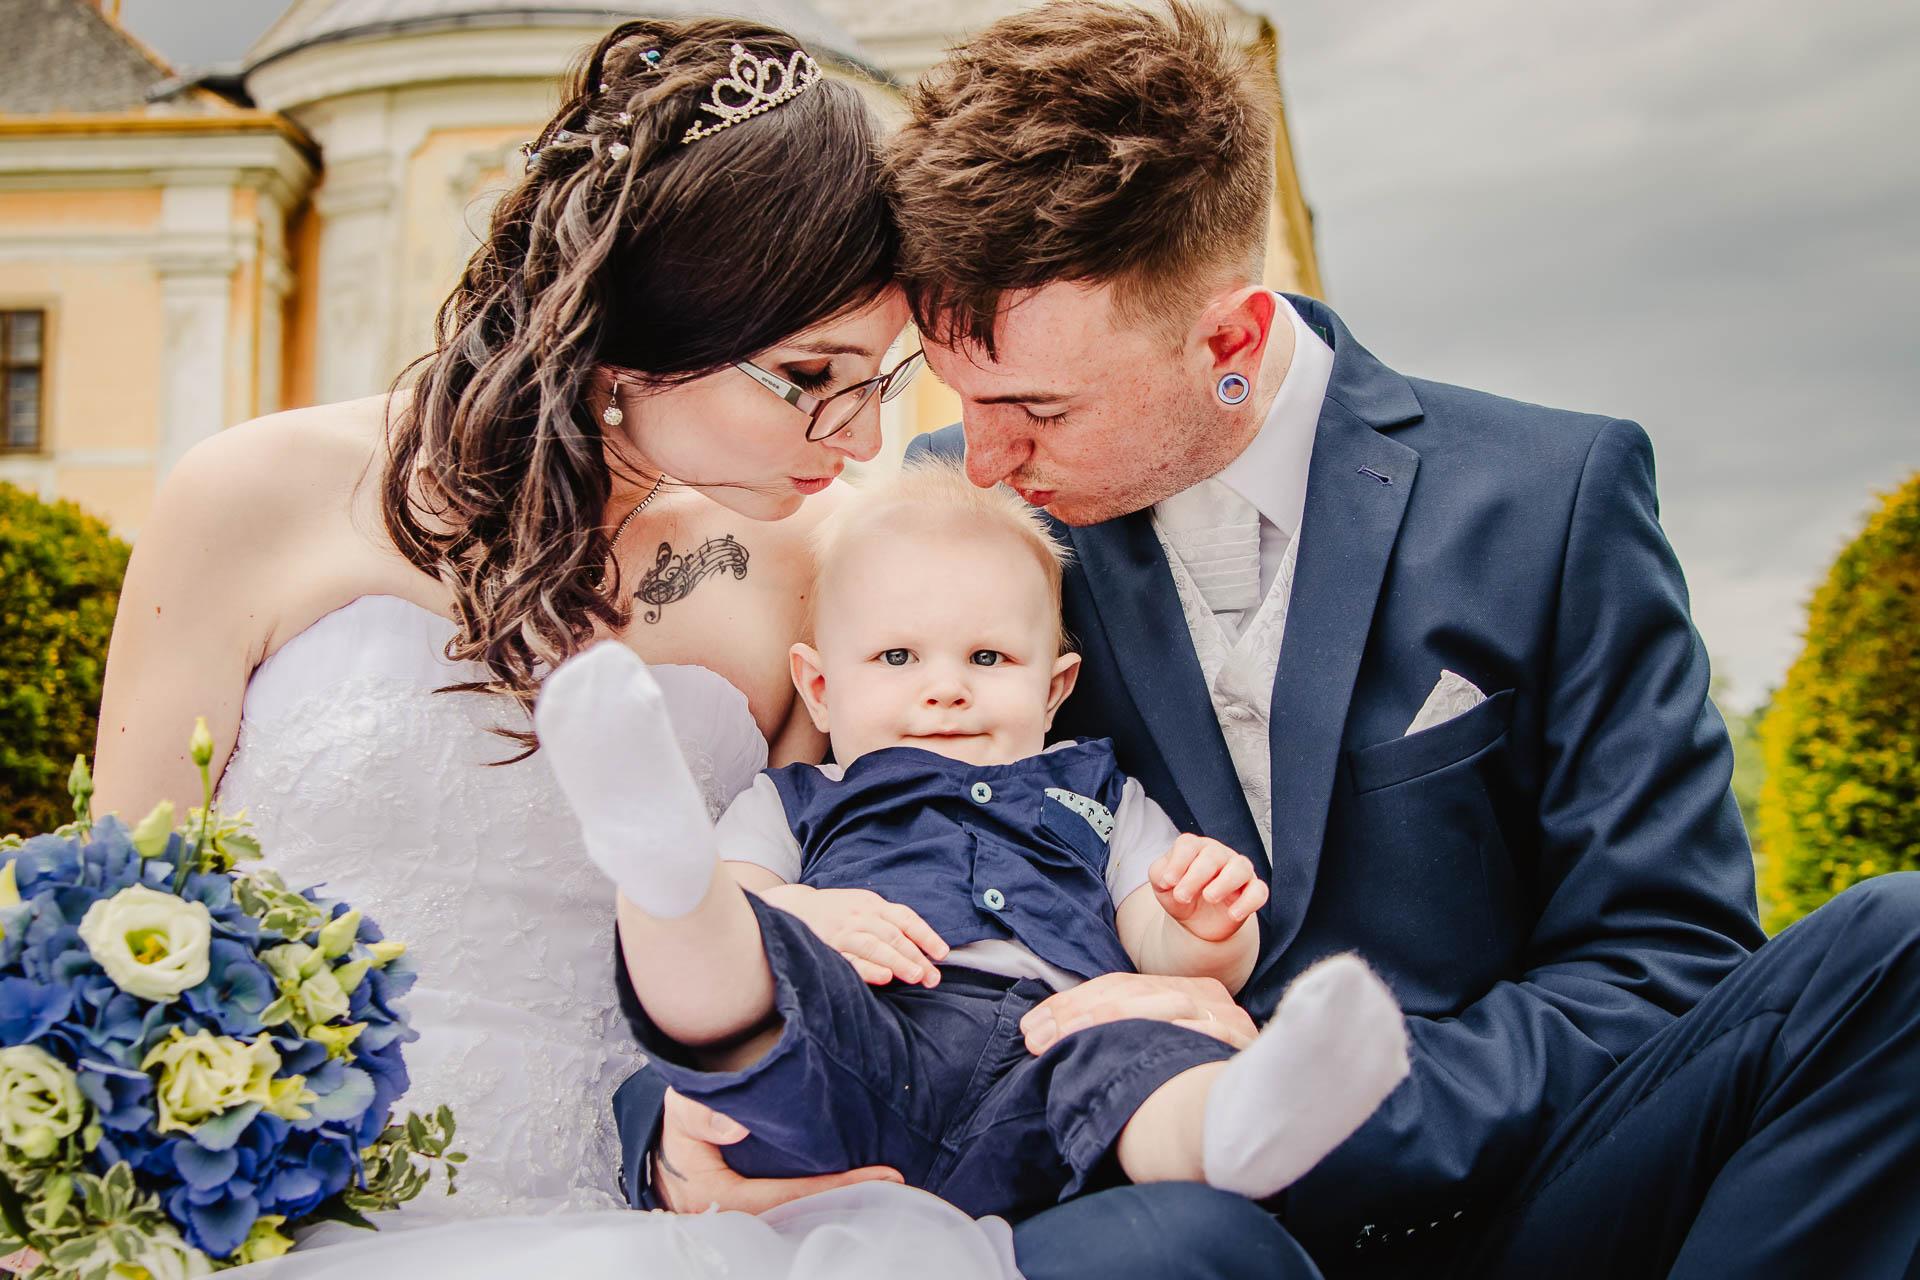 příprava-svatebního-obřadu-Lysá-nad-Labem-svatební-agentura-Svatbavenku-7308